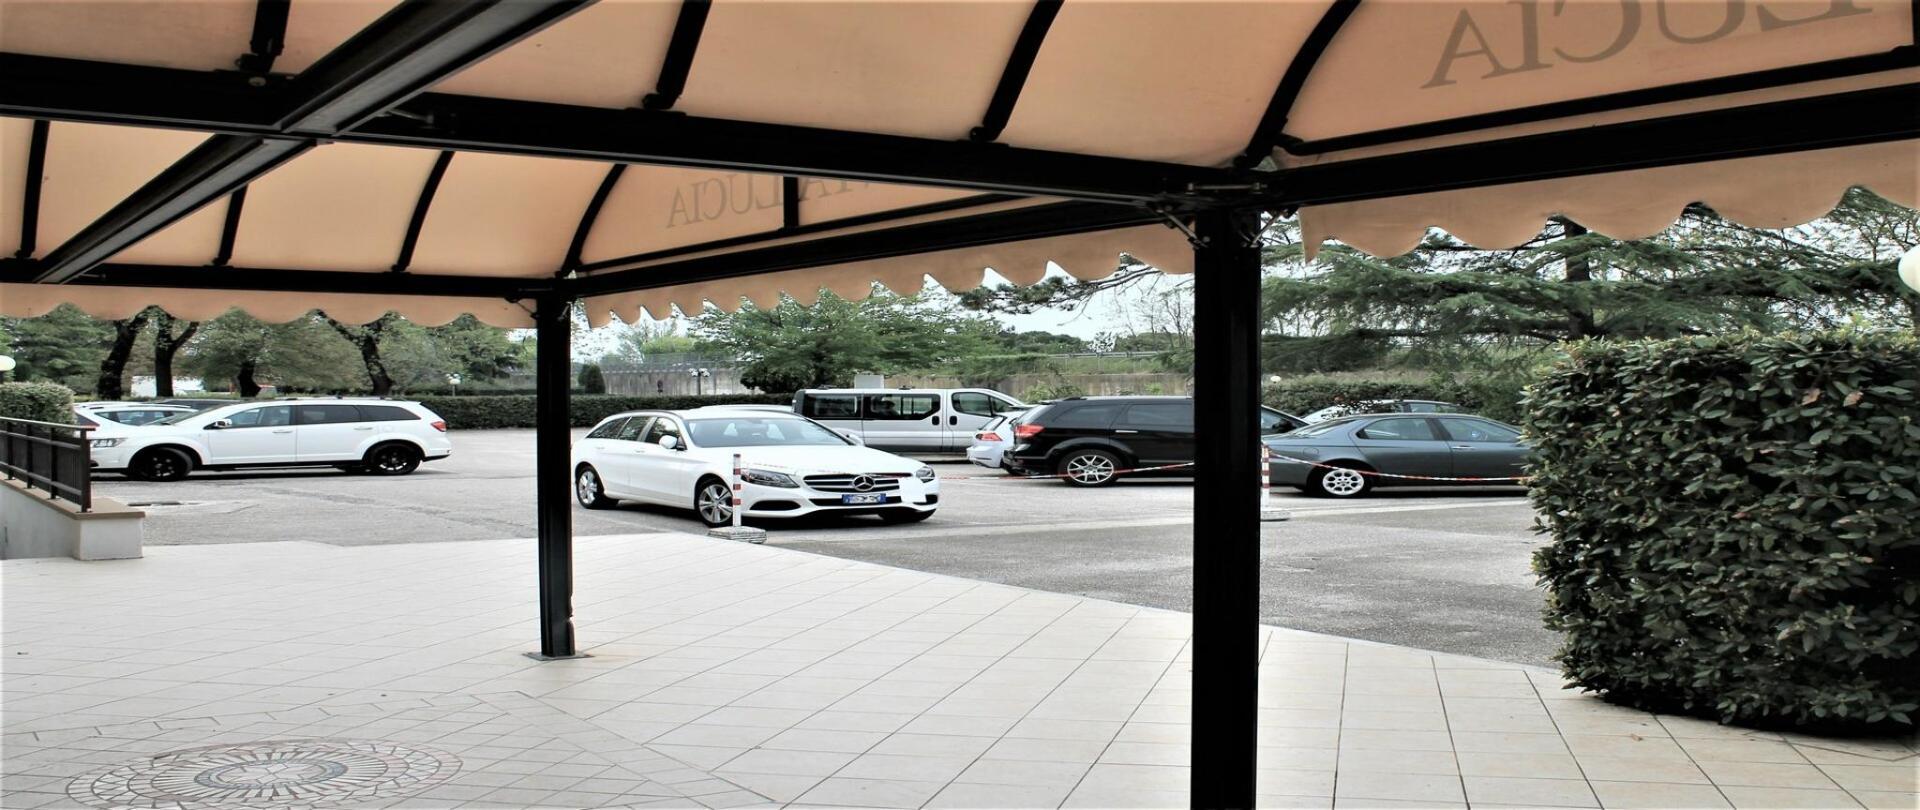 parcheggio dall'entrata.jpg